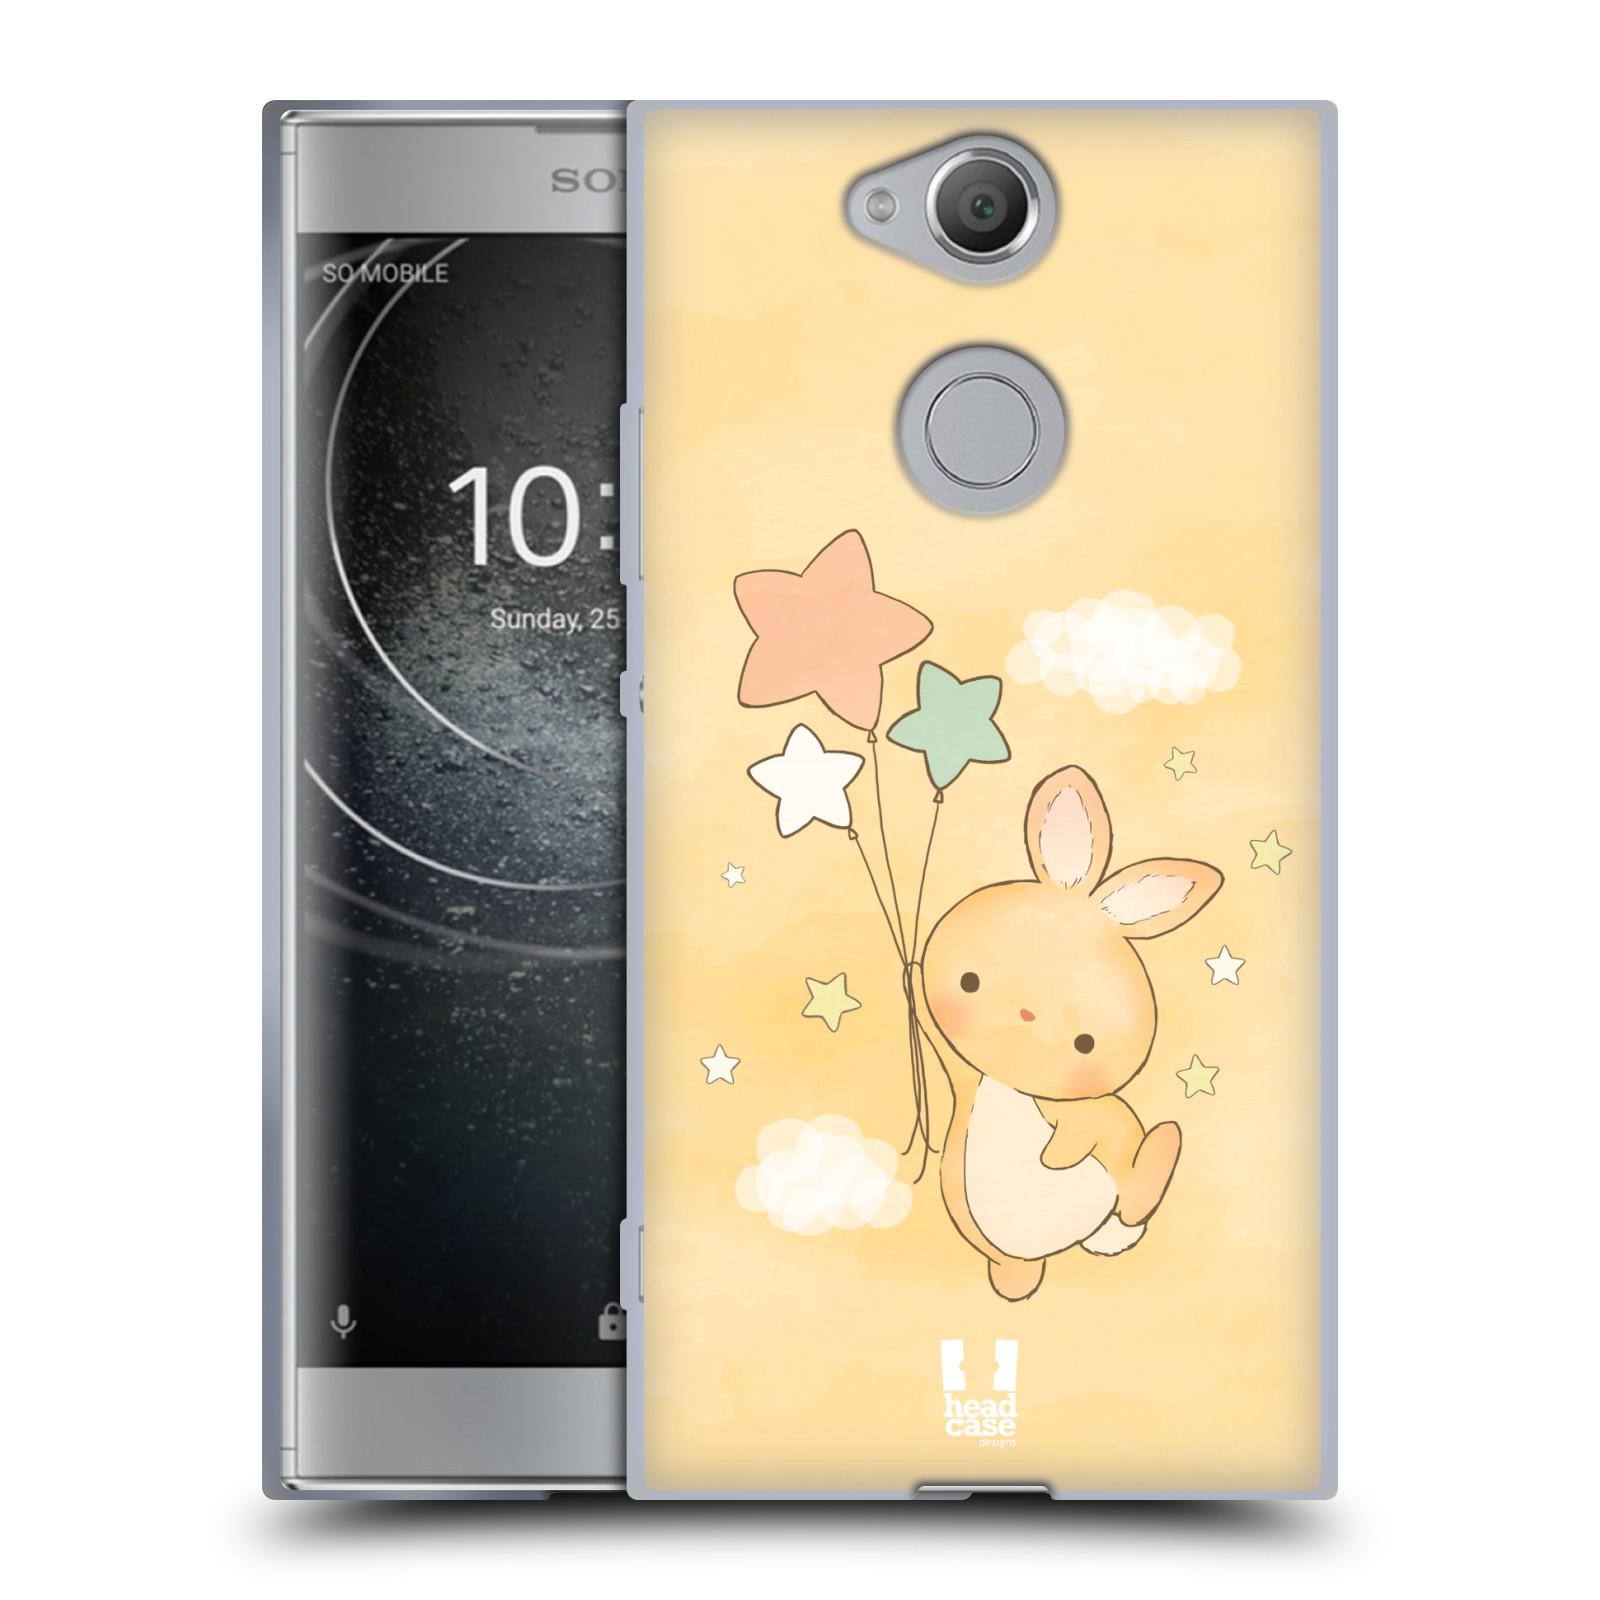 Pouzdro na mobil Sony Xperia XA2 (DUAL SIM, SINGLE SIM) vzor králíček a hvězdy žlutá